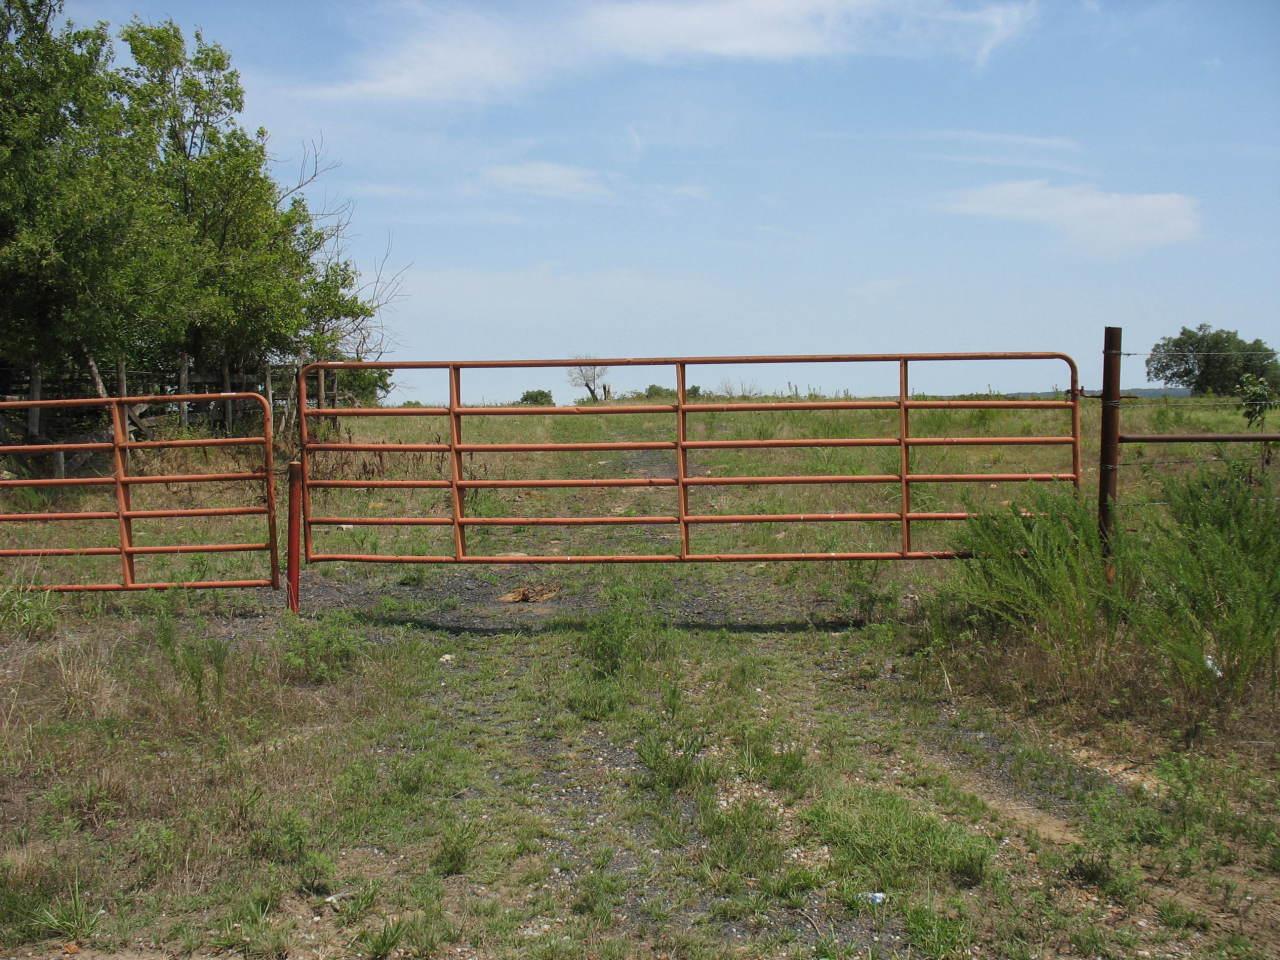 Closed | 438000 E 150 Road Bluejacket, OK 74333 1